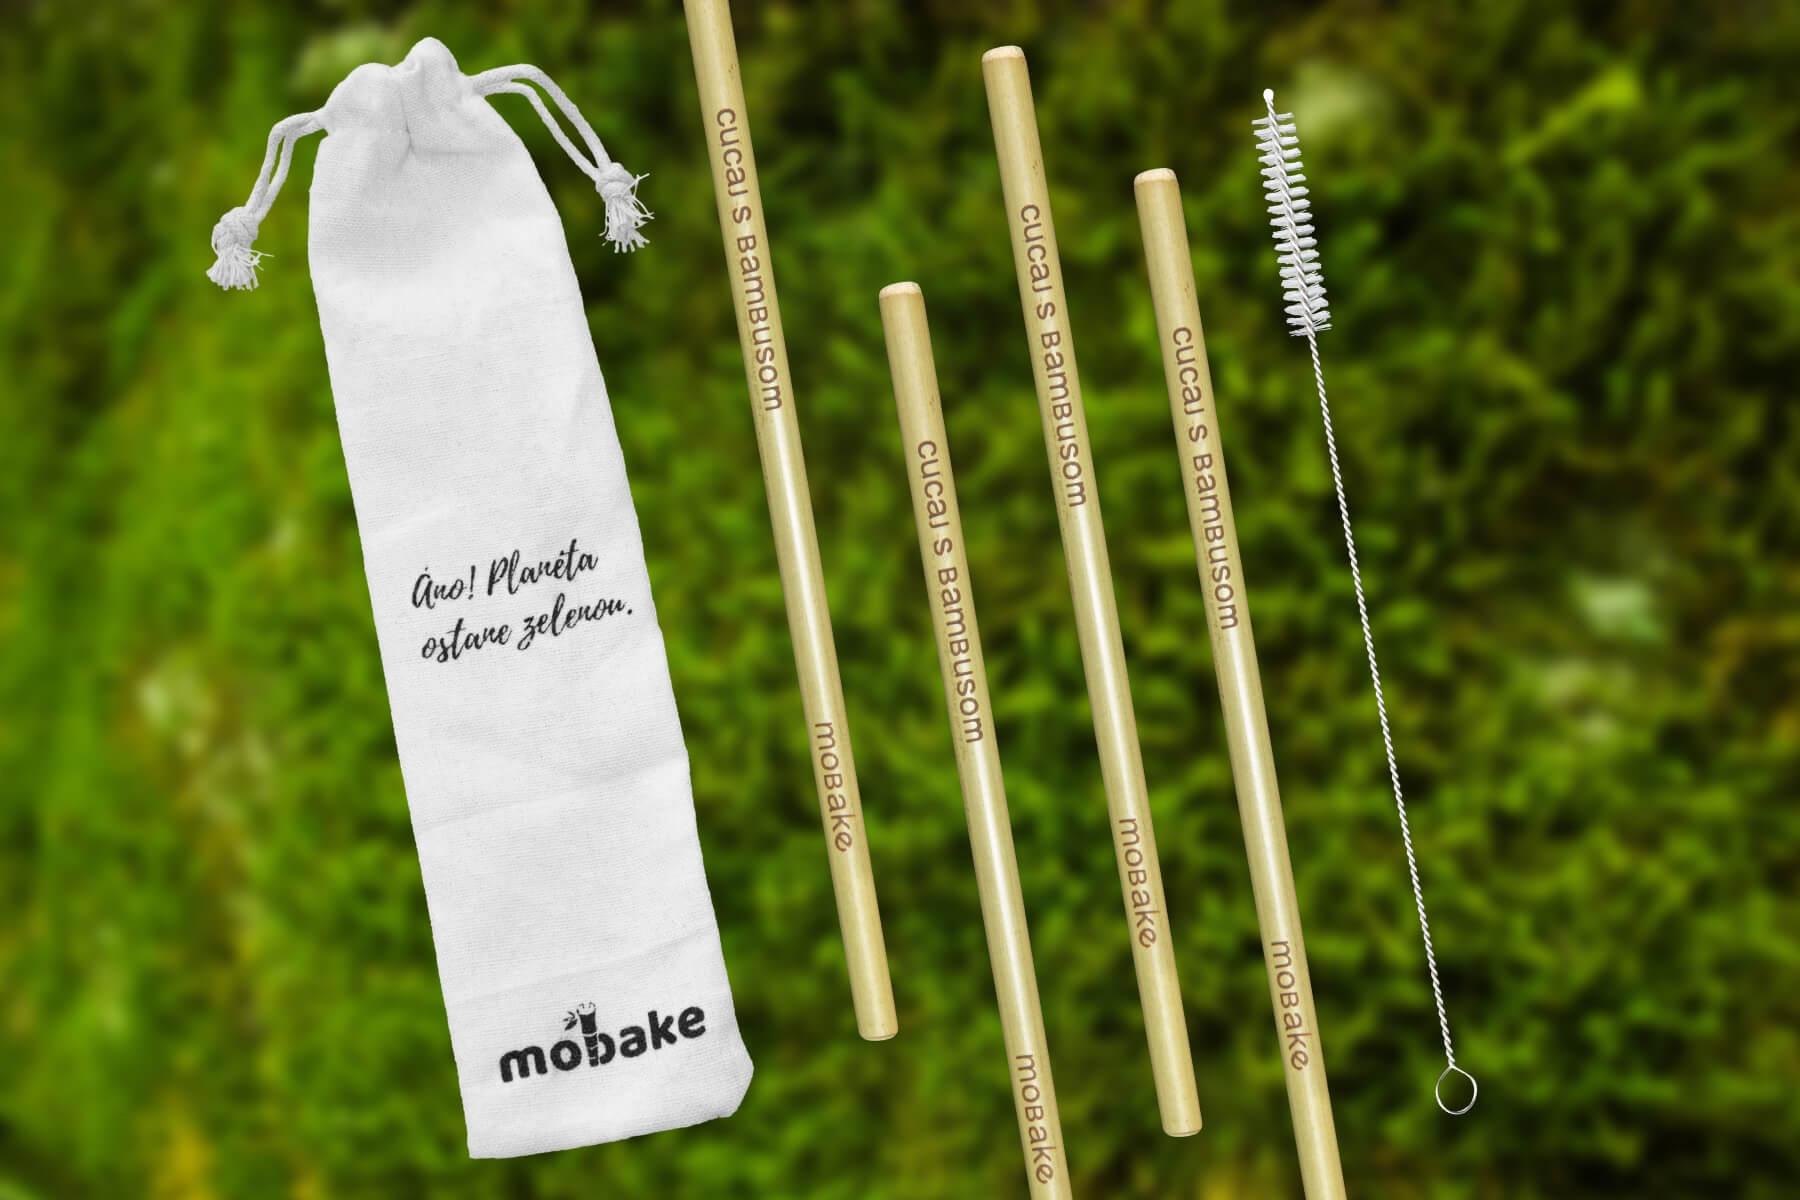 Mobake Balenie Bambusových slamiek 4 ks + Vrecko + Čistiaca kefka